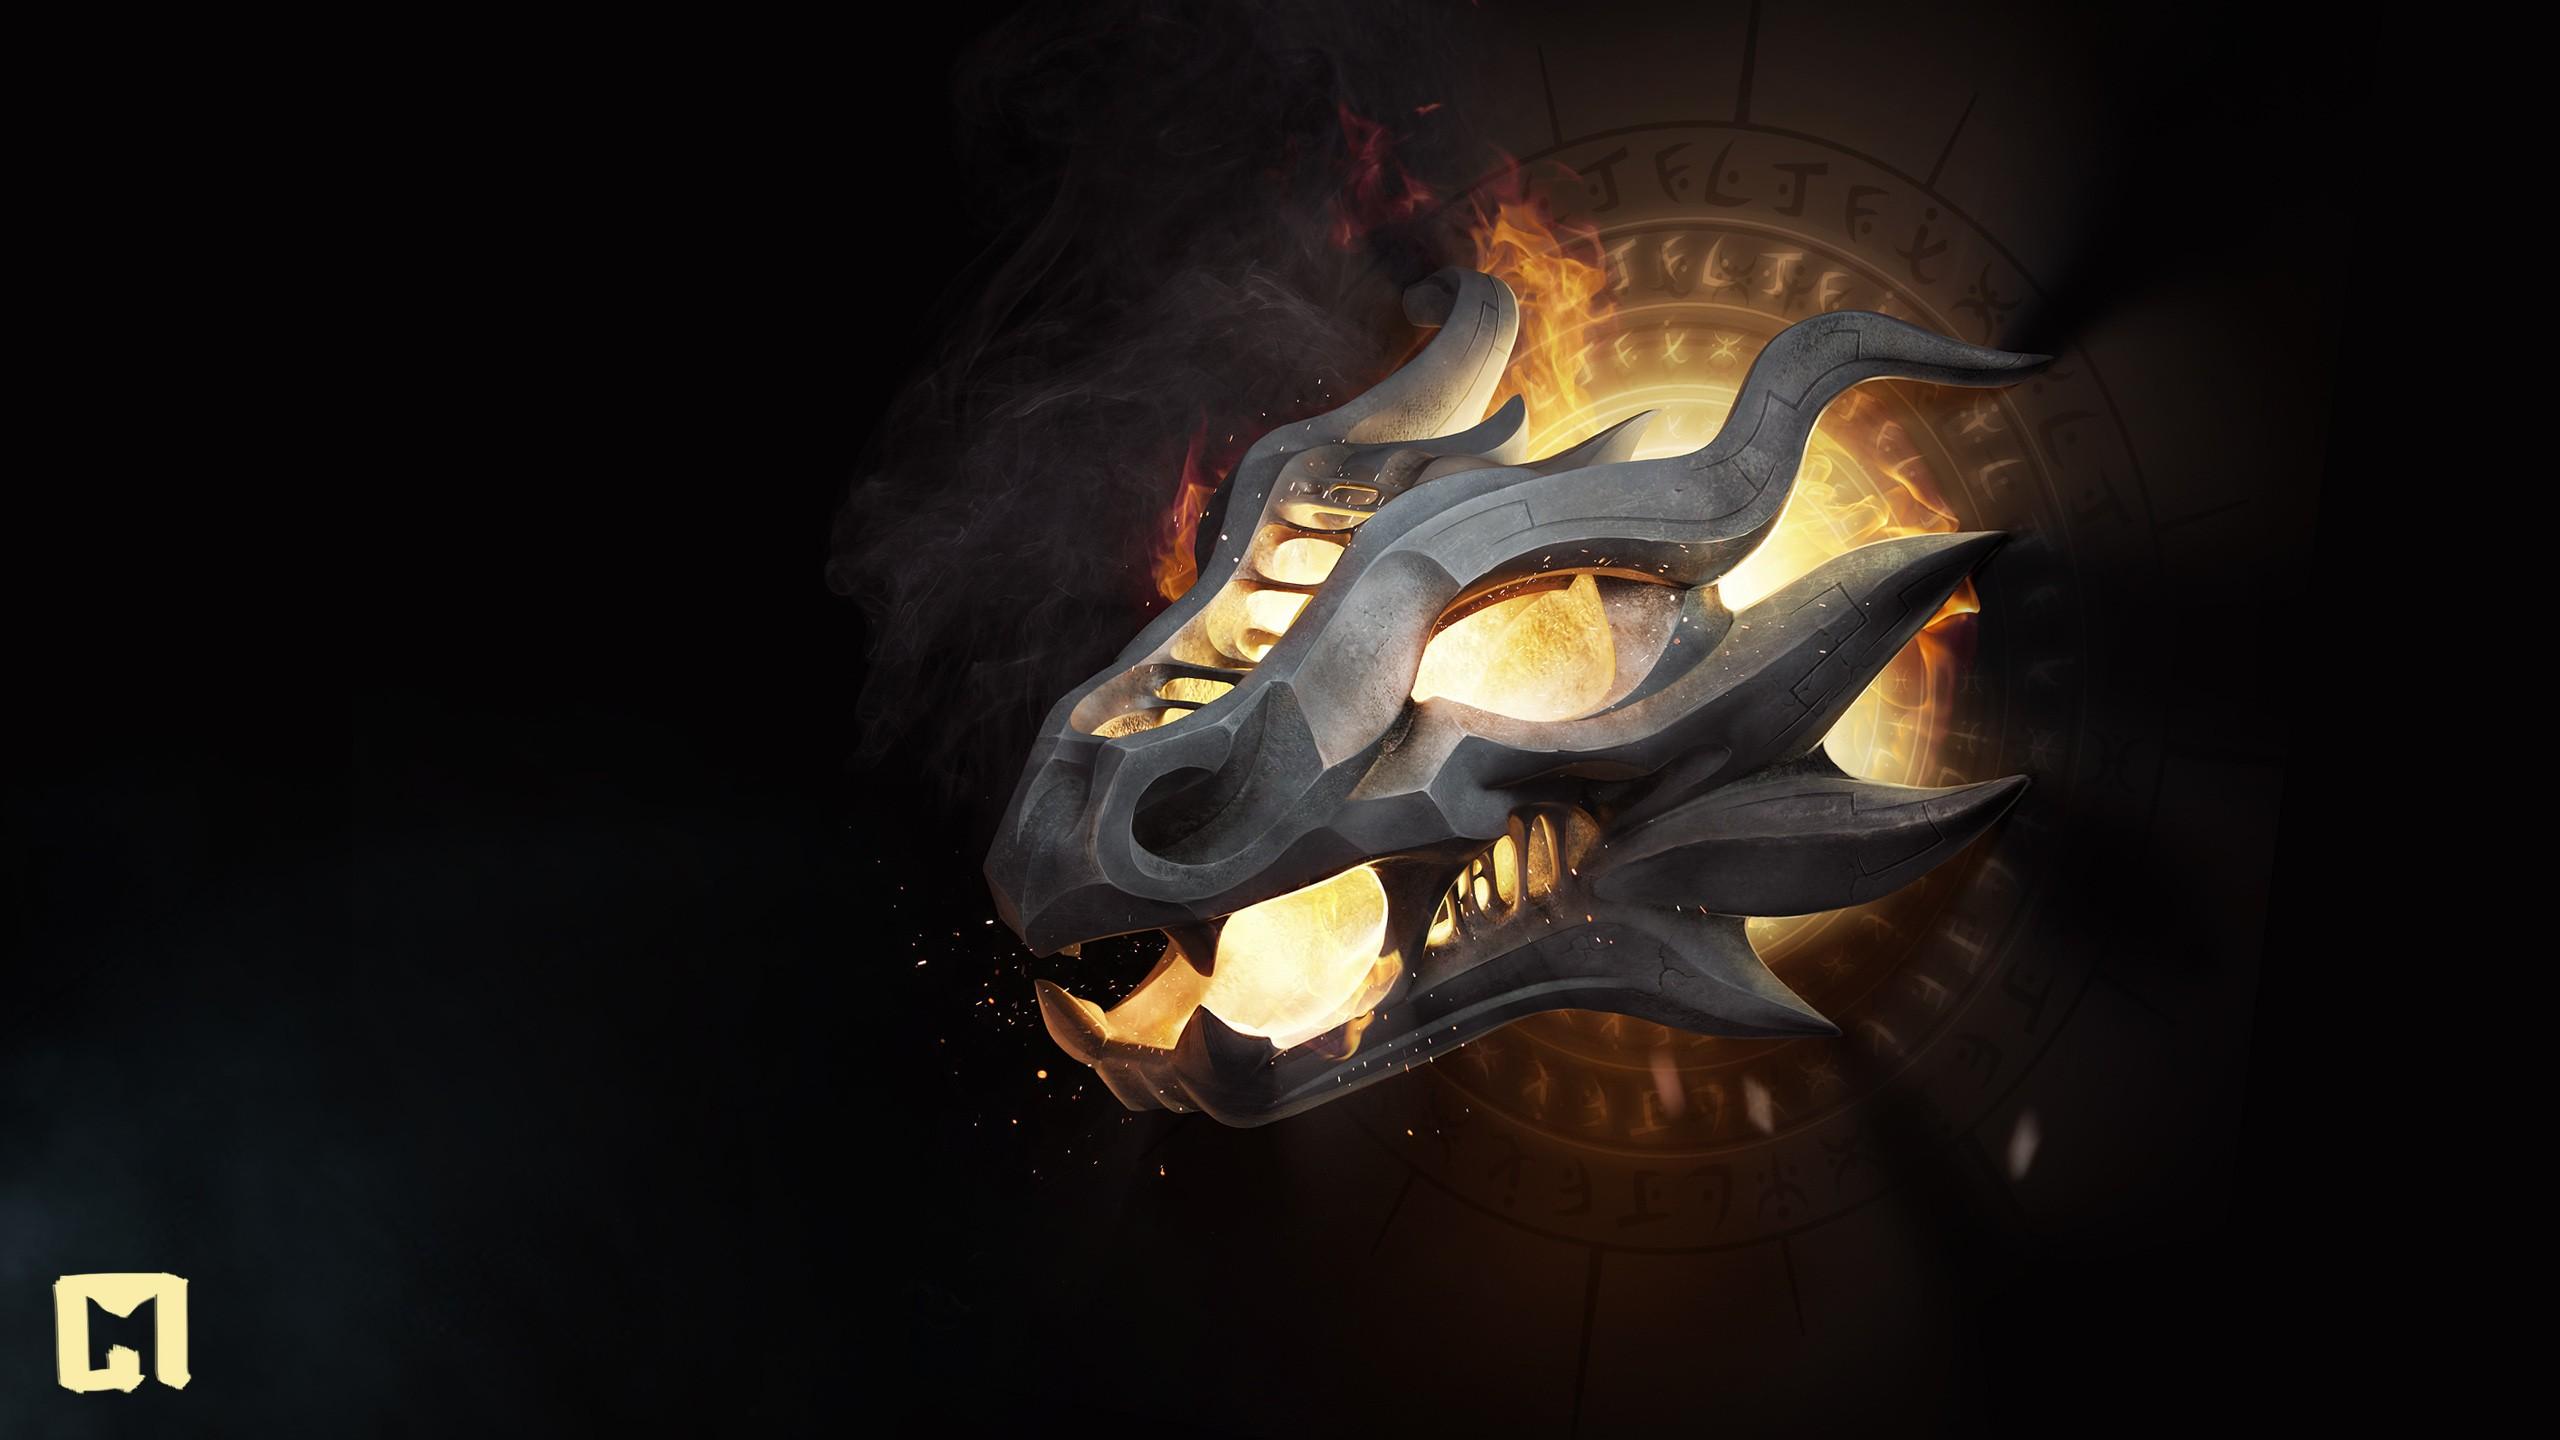 Game Of Thrones Hd Wallpaper Hintergrund 2560x1440 Id